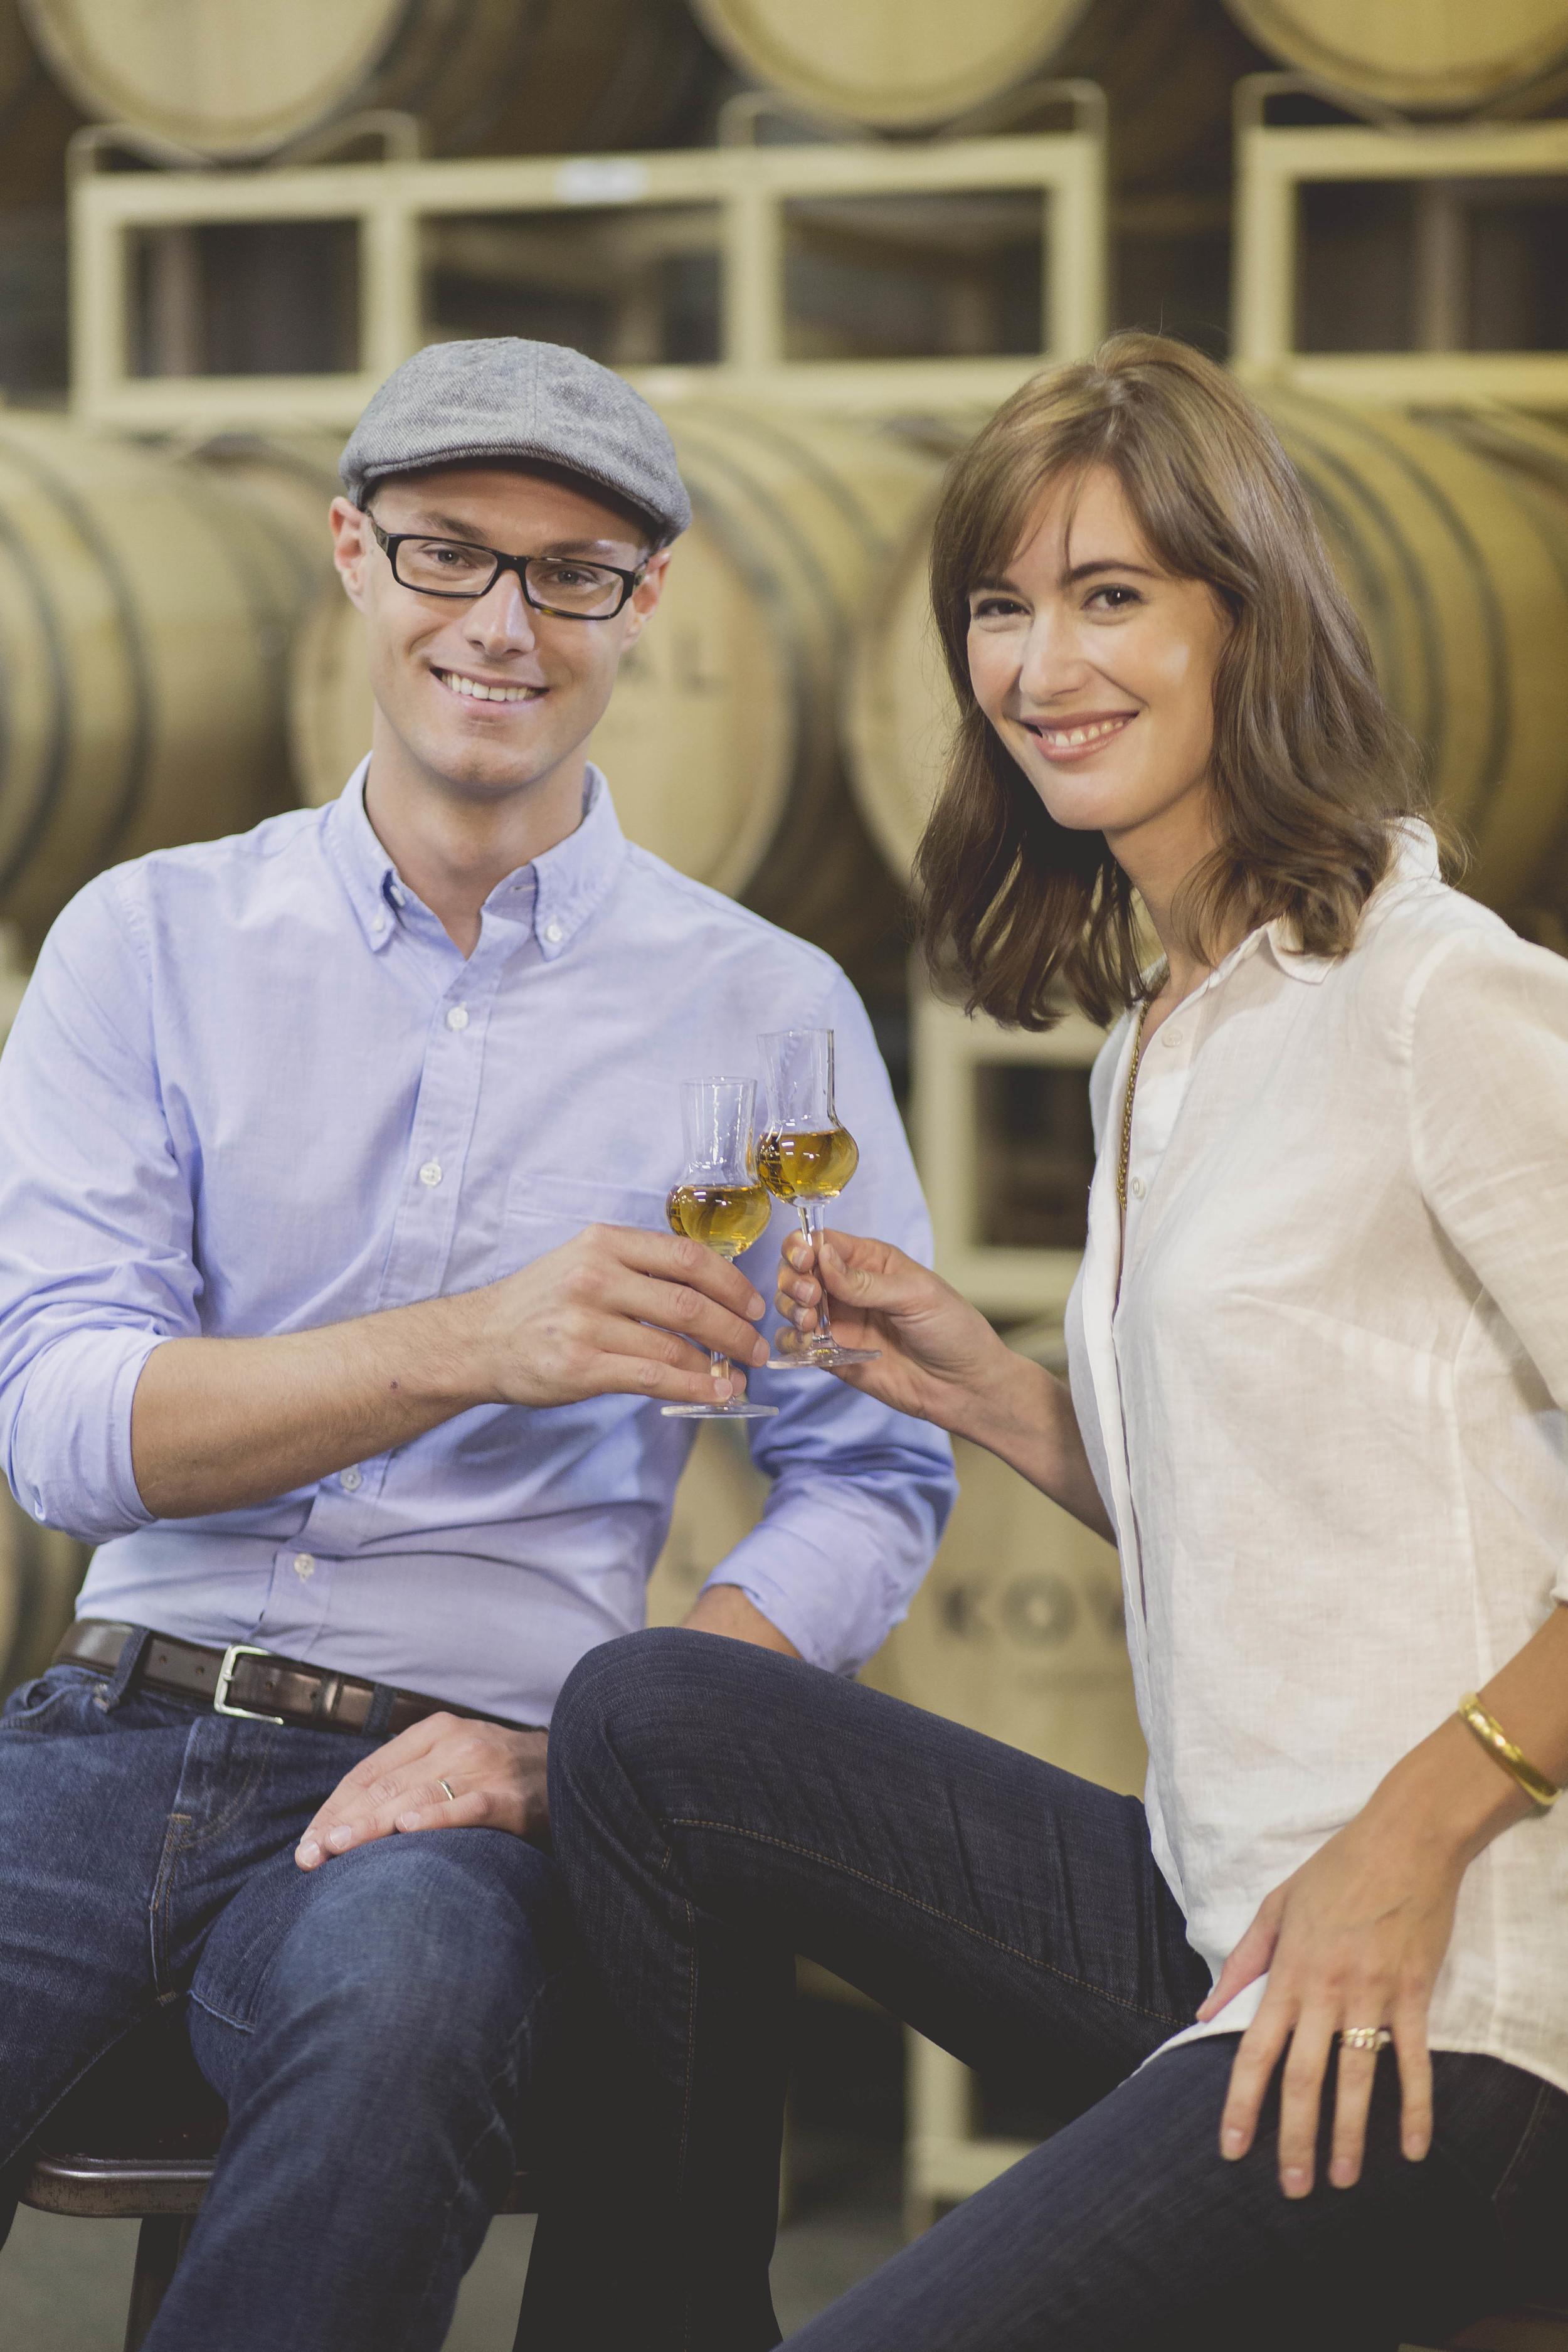 Robert & Sonat Birnecker, Founders of KOVAL Distillery